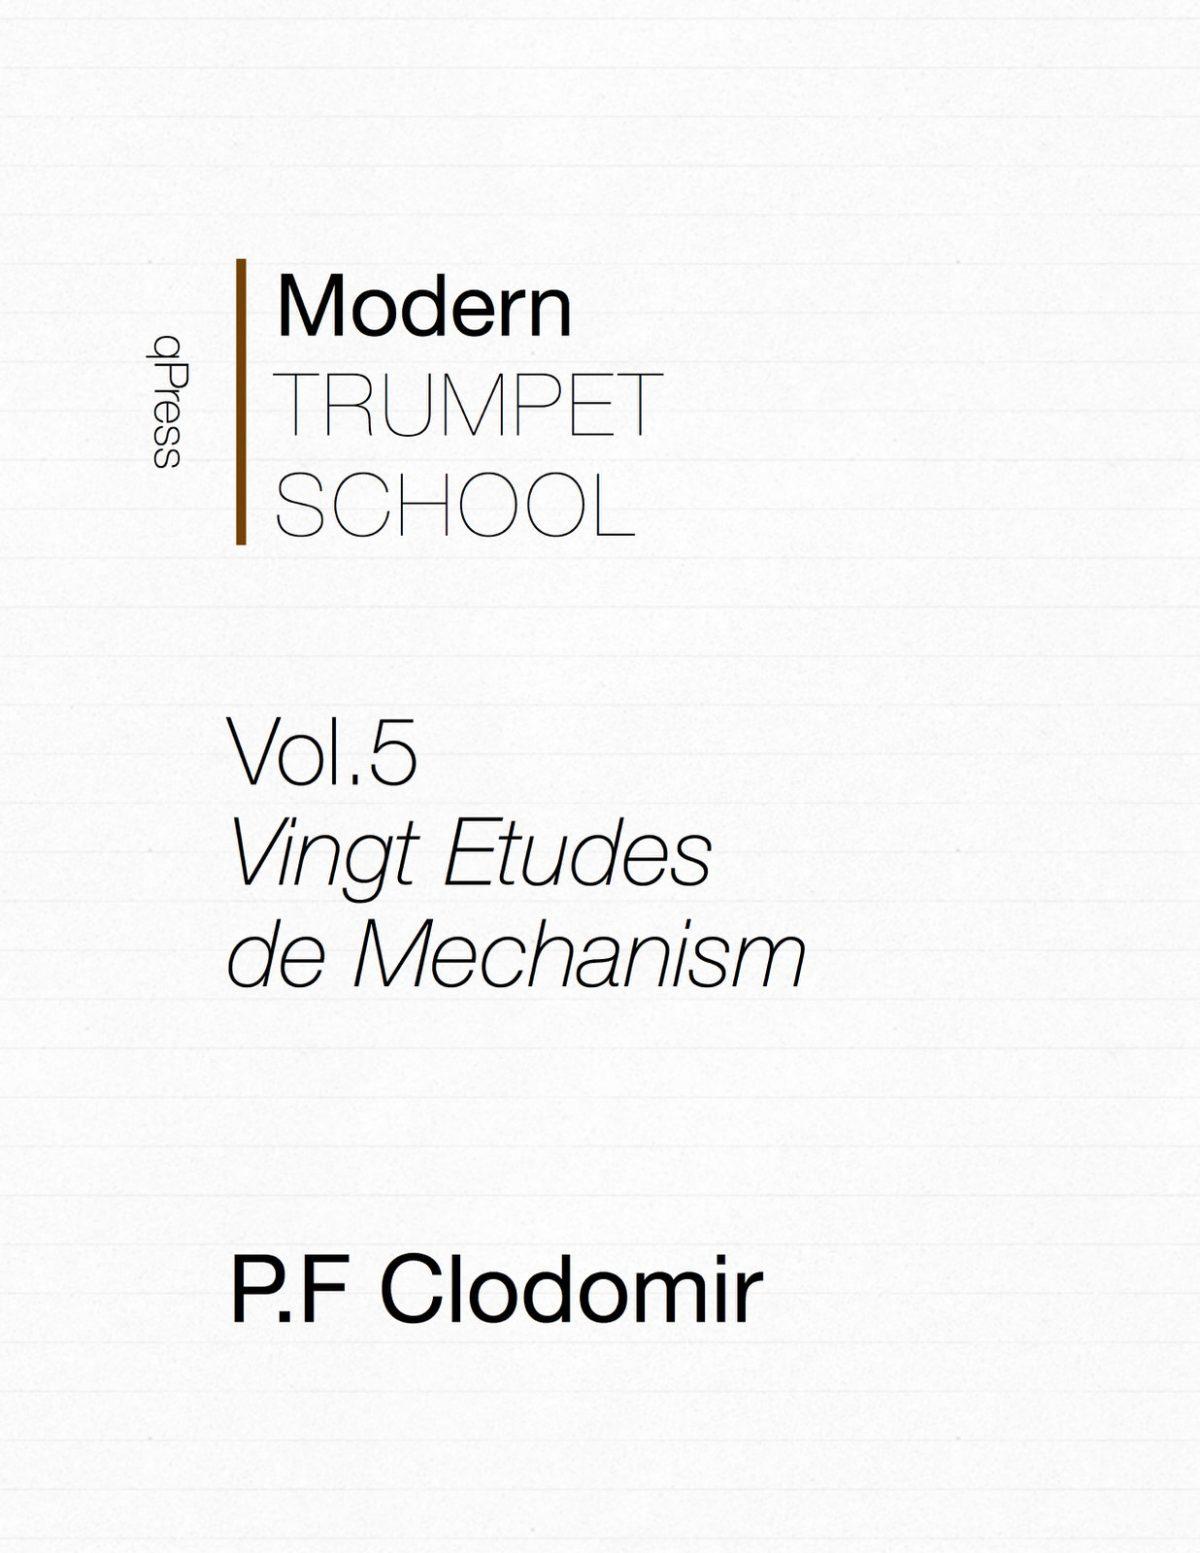 clodomir-vol-5-vingt-etudes-de-mechanism